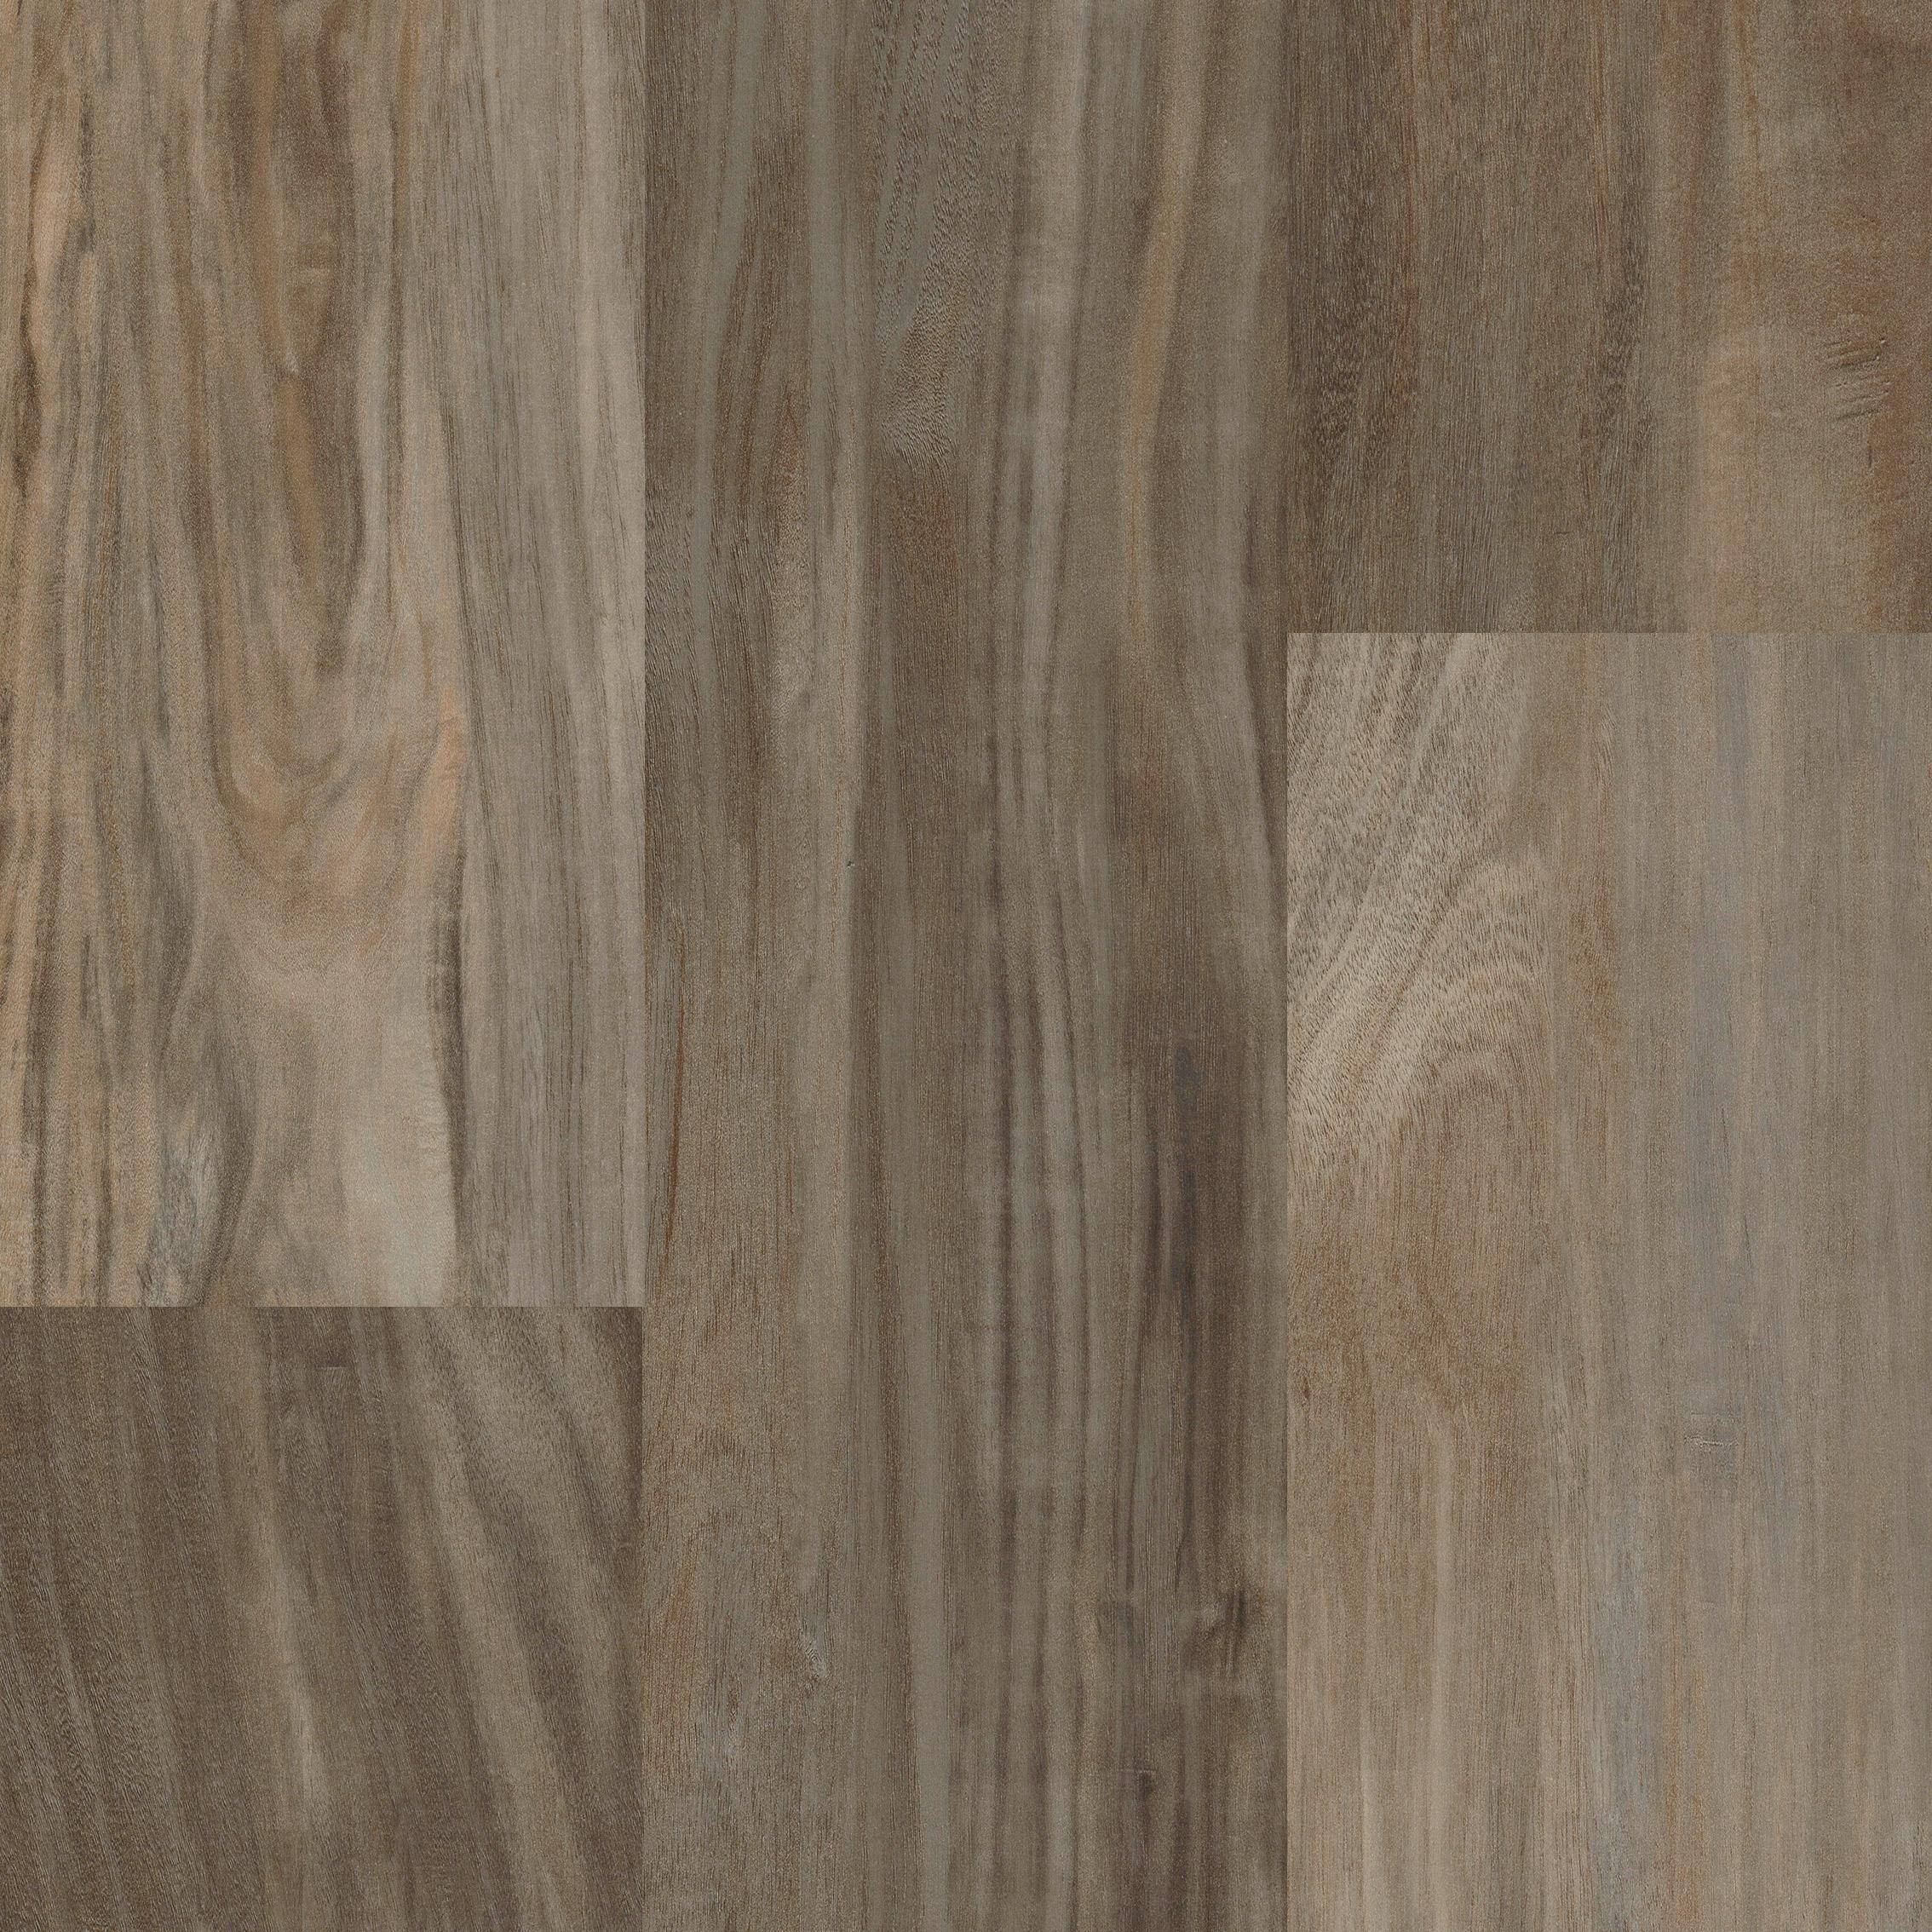 Ivc Agusta Acacia 7 56 Waterproof Luxury Vinyl Plank Flooring Luxury Vinyl Plank Flooring Vinyl Plank Flooring Luxury Vinyl Plank